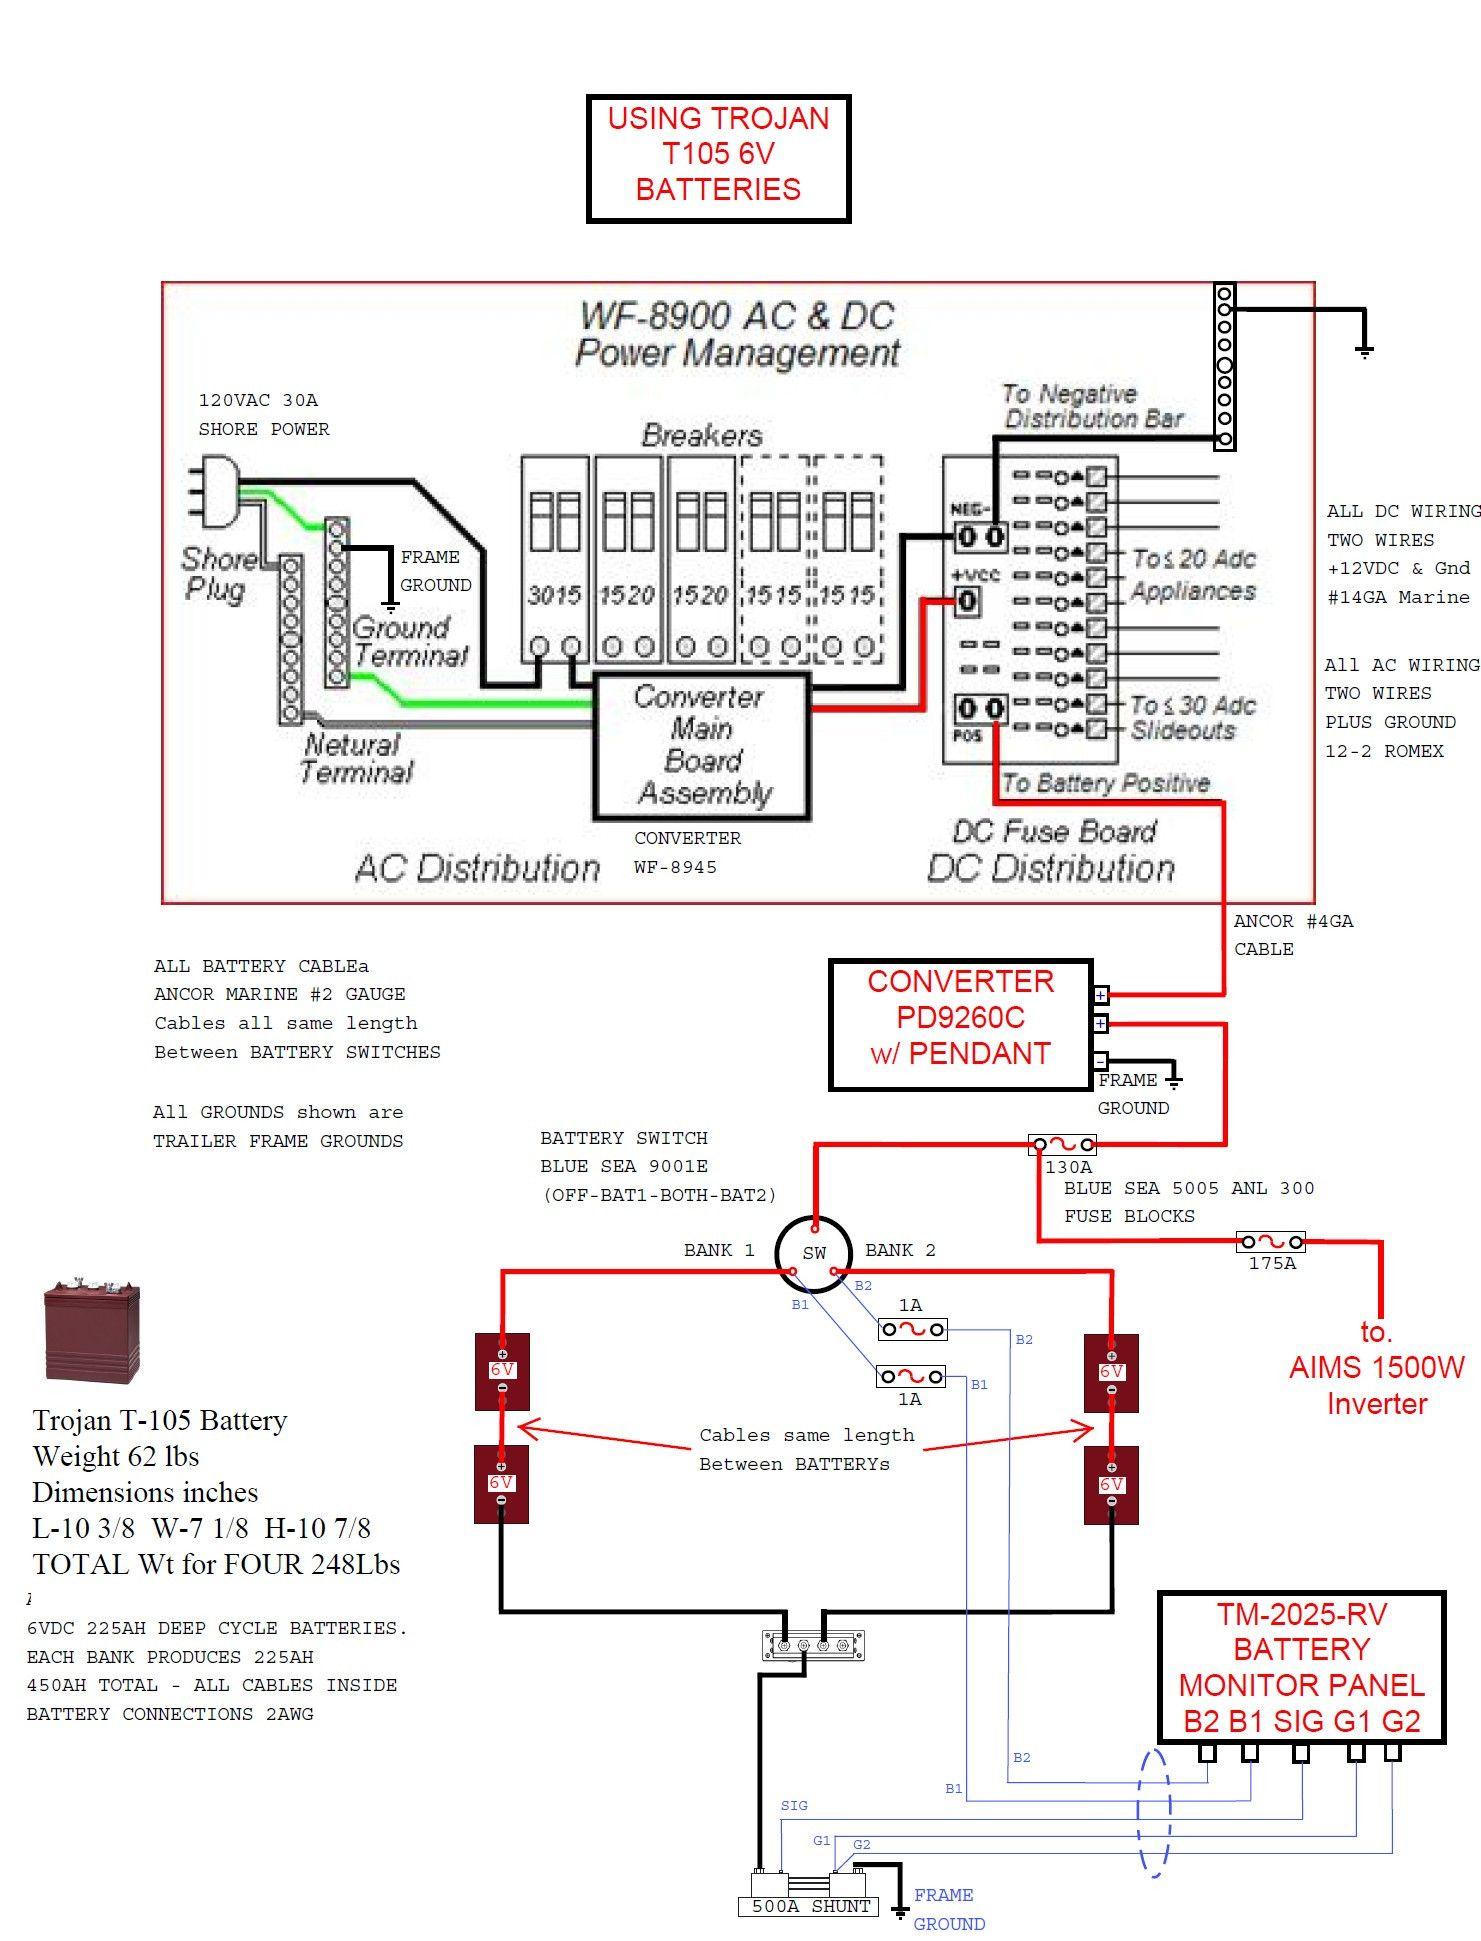 medium resolution of jayco wiring harness diagram database wiring diagram jayco wiring harness jayco wiring diagram caravan wiring diagram